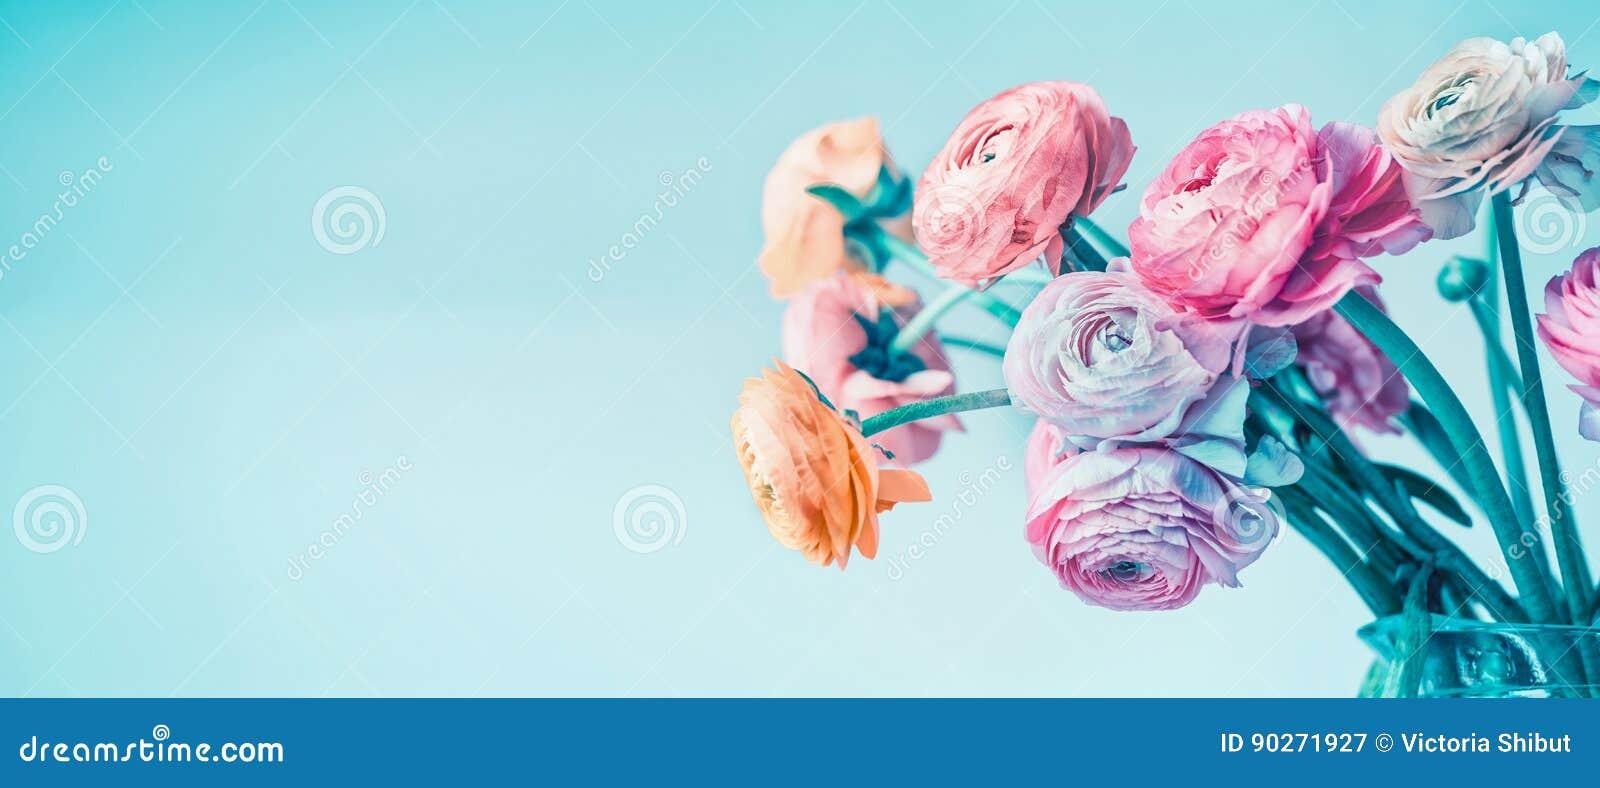 Türkisblumenfahne mit den schönen Blumen, die am hellblauen Hintergrund, mit Blumen blühen